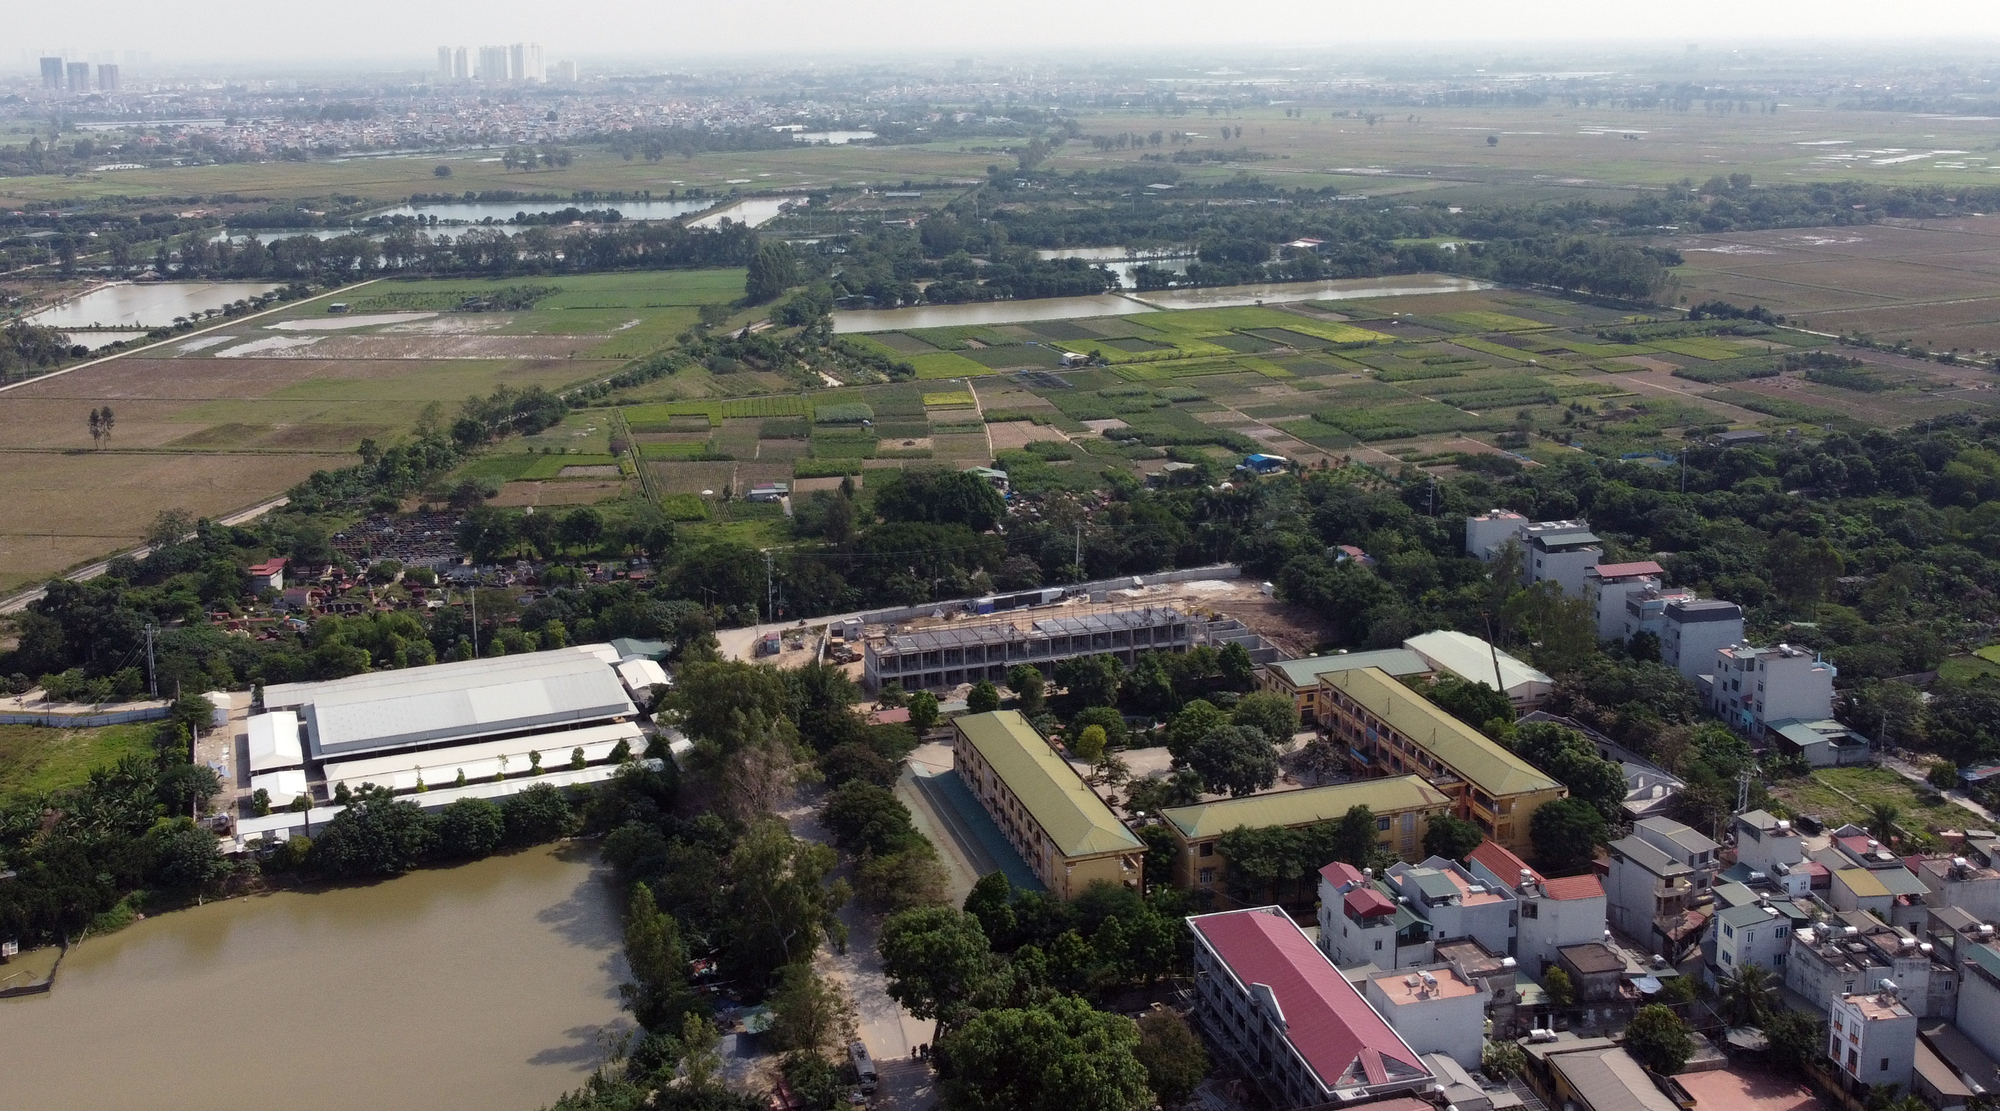 Hà Nội điều chỉnh cục bộ quy hoạch phân khu đô thị GS tại huyện Thanh Trì - Ảnh 1.